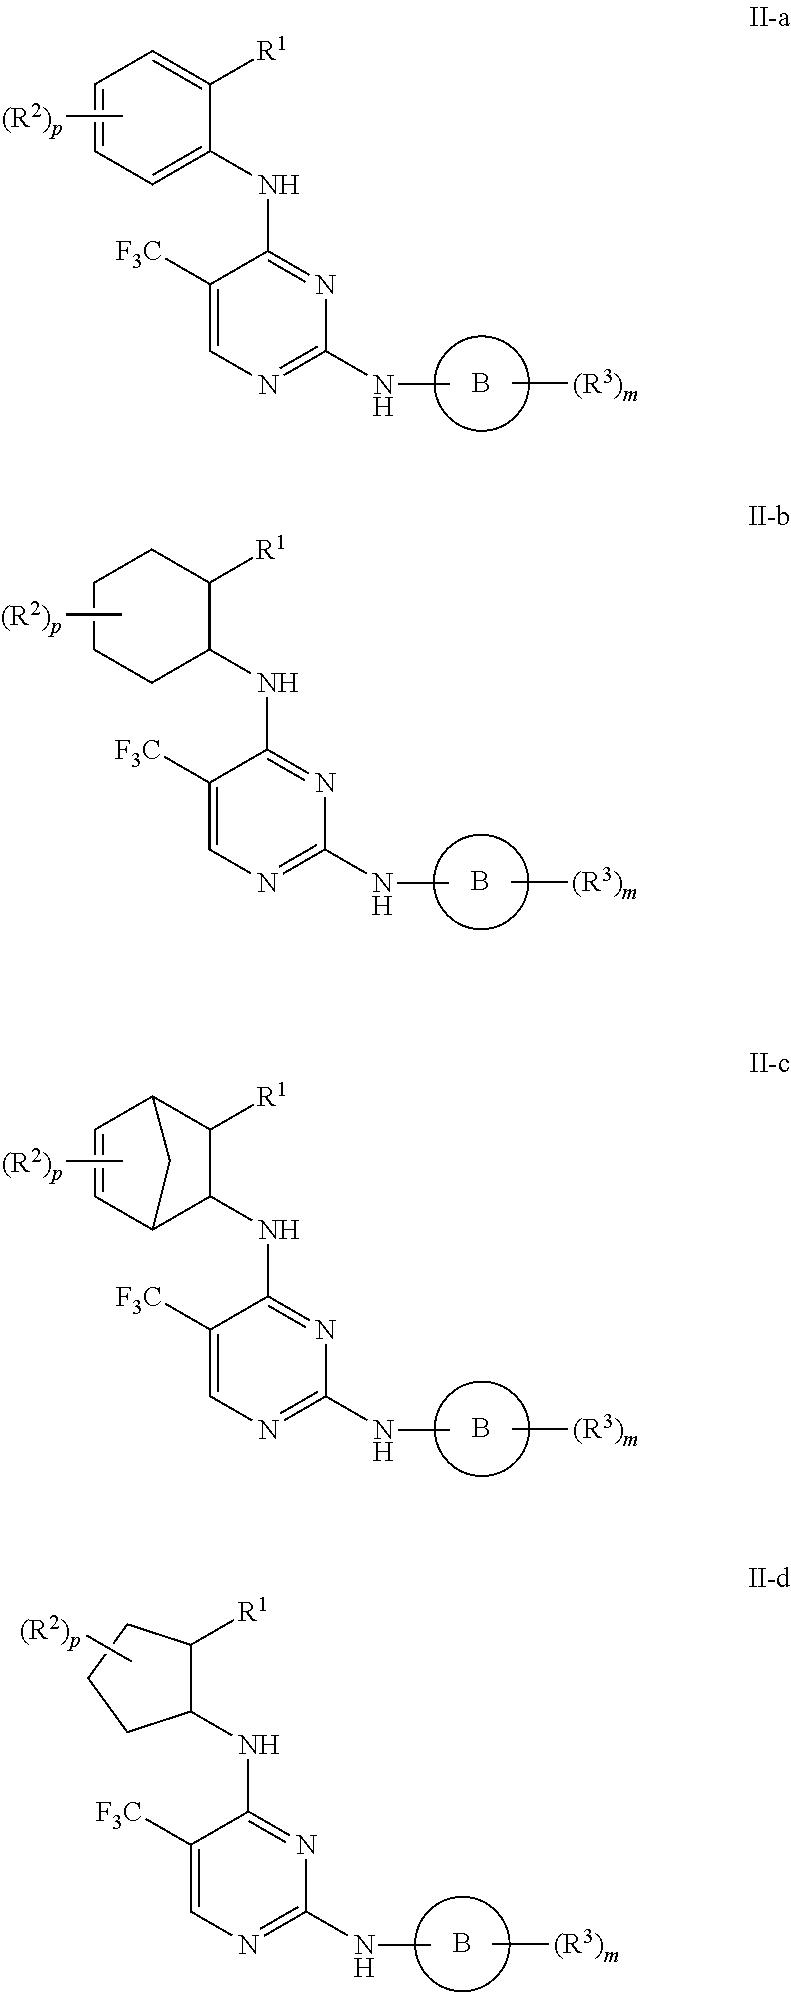 Figure US09561228-20170207-C00047